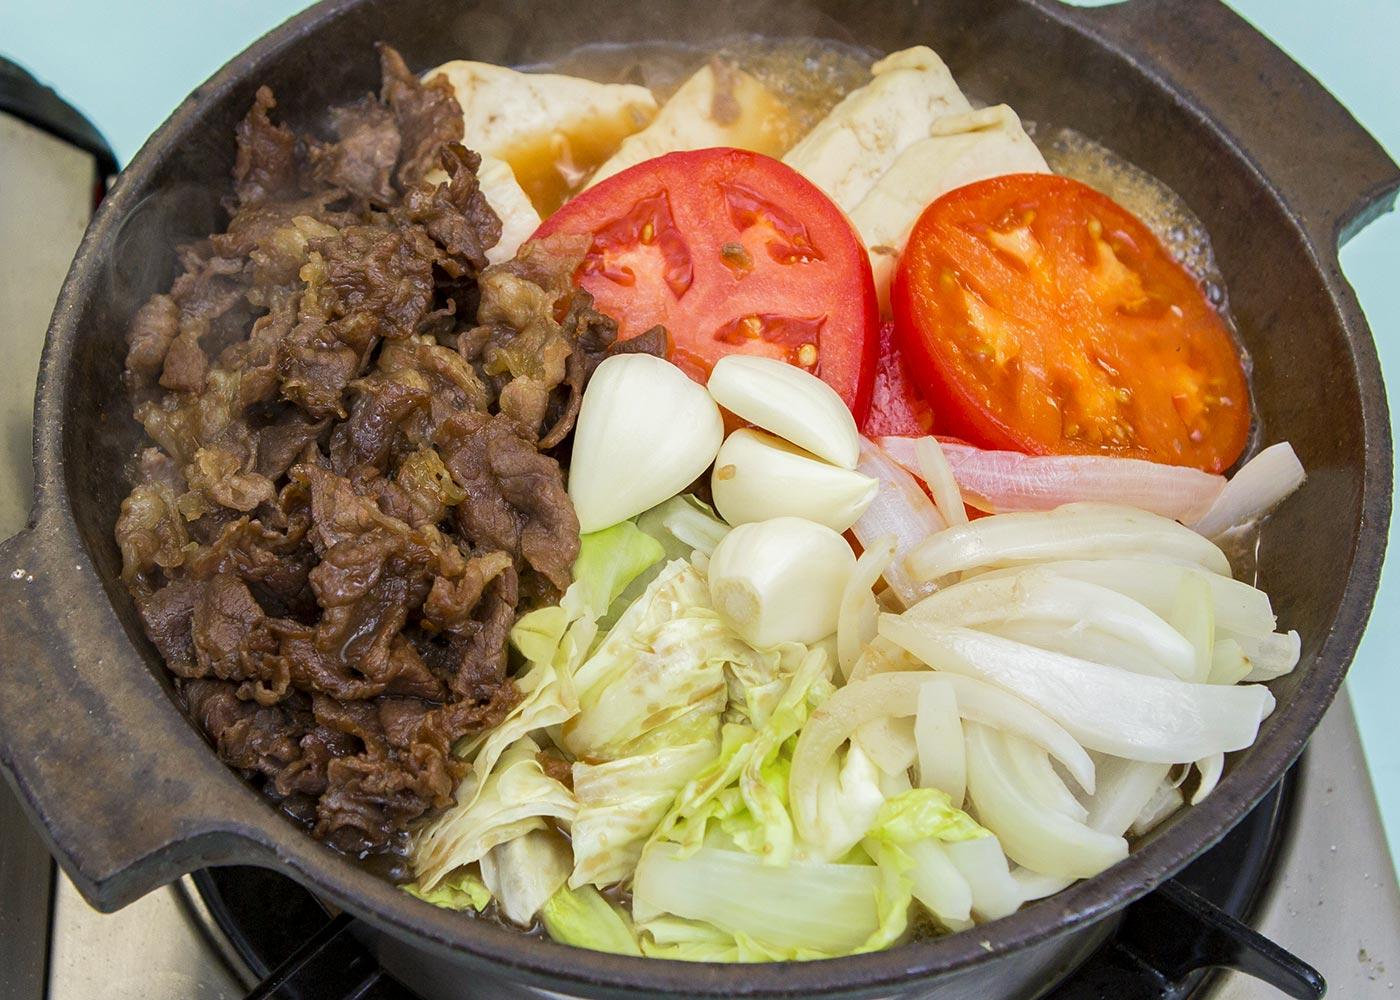 フライパンに【A】を入れ、牛肉を並べ入れ、火にかける。肉の色が変わってきたら返して片側に寄せ、豆腐、玉ねぎ、キャベツ、トマトを並べて入れる。